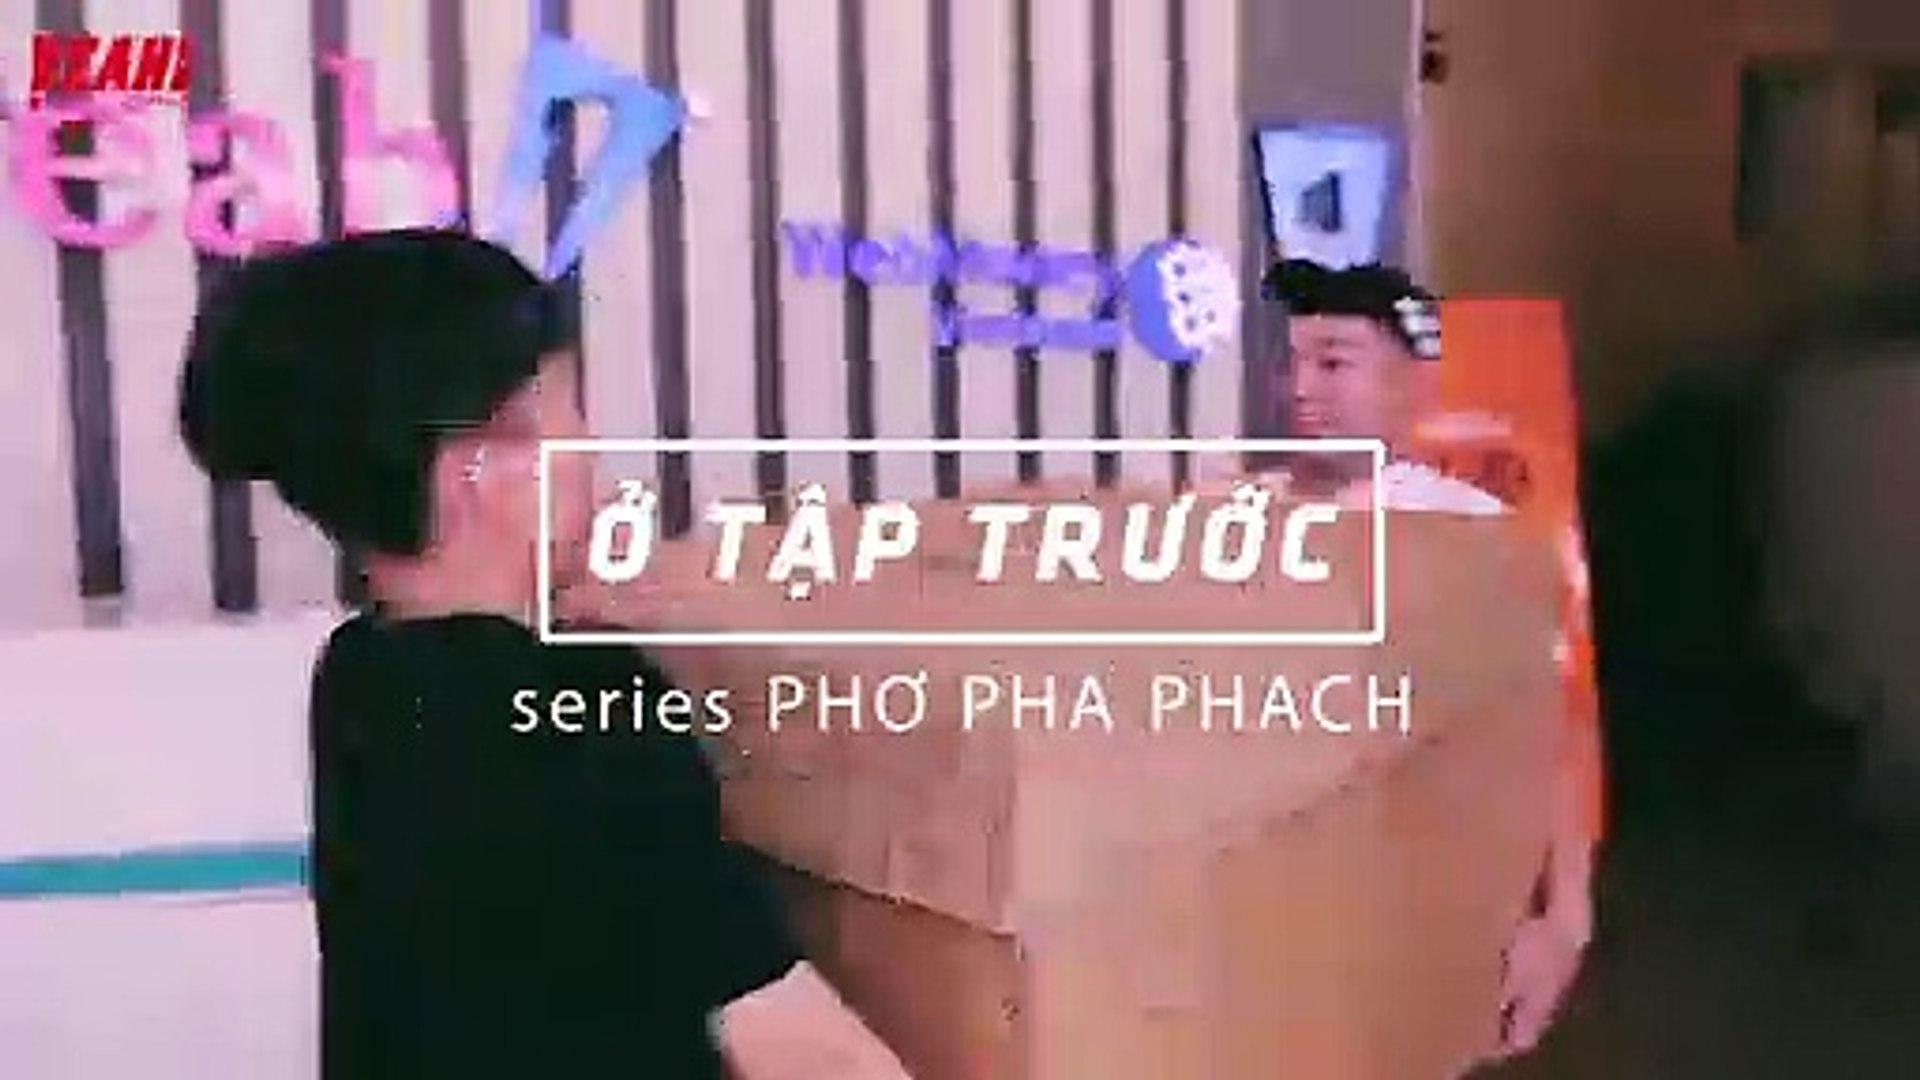 Trailer Phát Minh Mới Máy Bán Hàng Tự Động Bằng Carton Phần 2 - Phở Phá Phách - Phở Đặc Biệt 2018